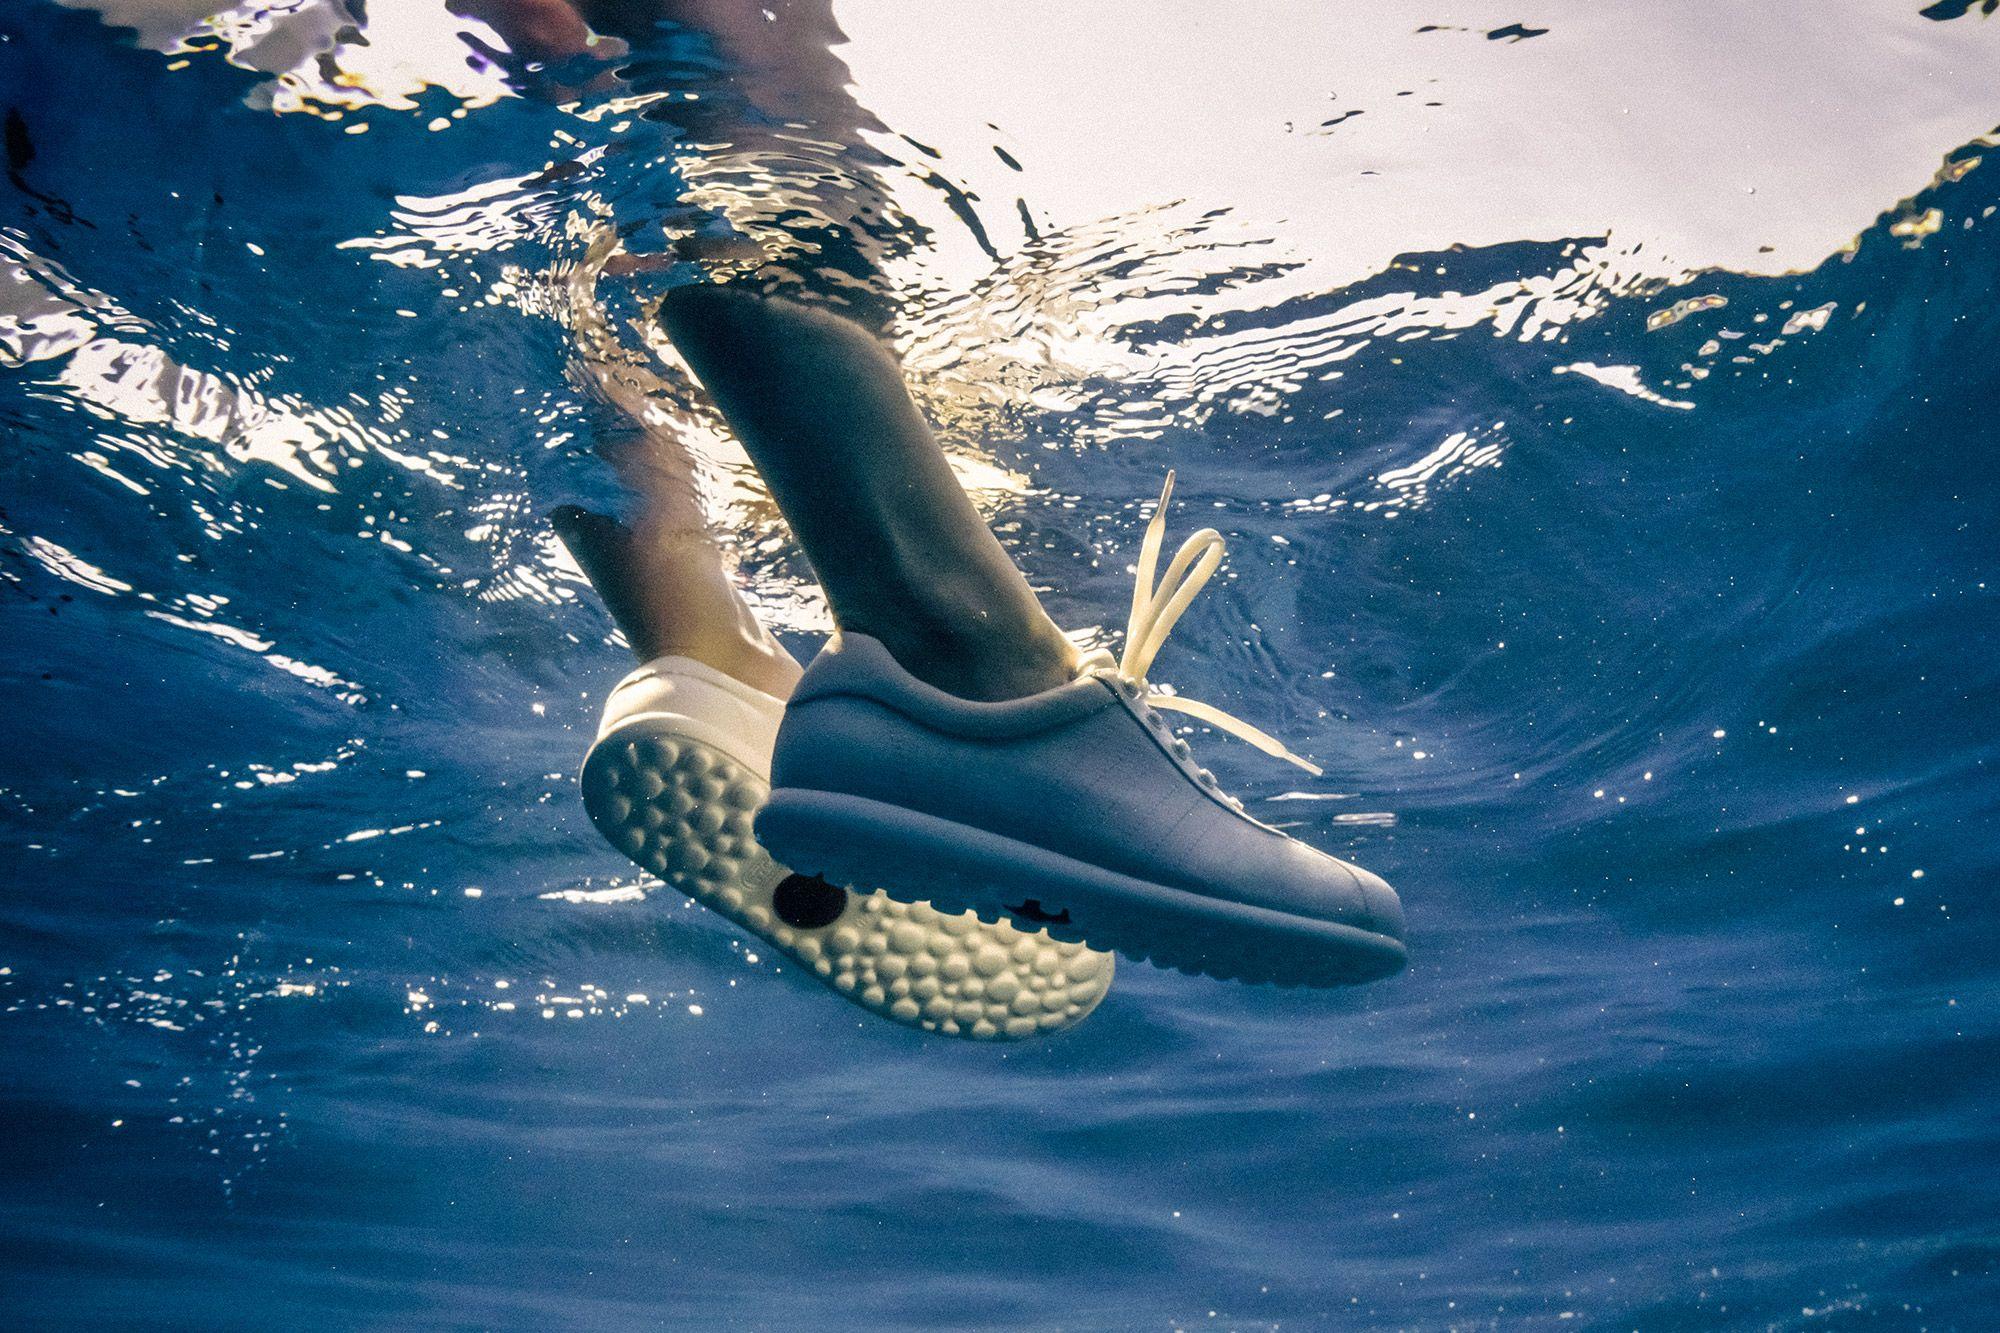 綠時尚再添一軍!Camper推出最環保的輕量鞋,投入回收海洋塑料行動